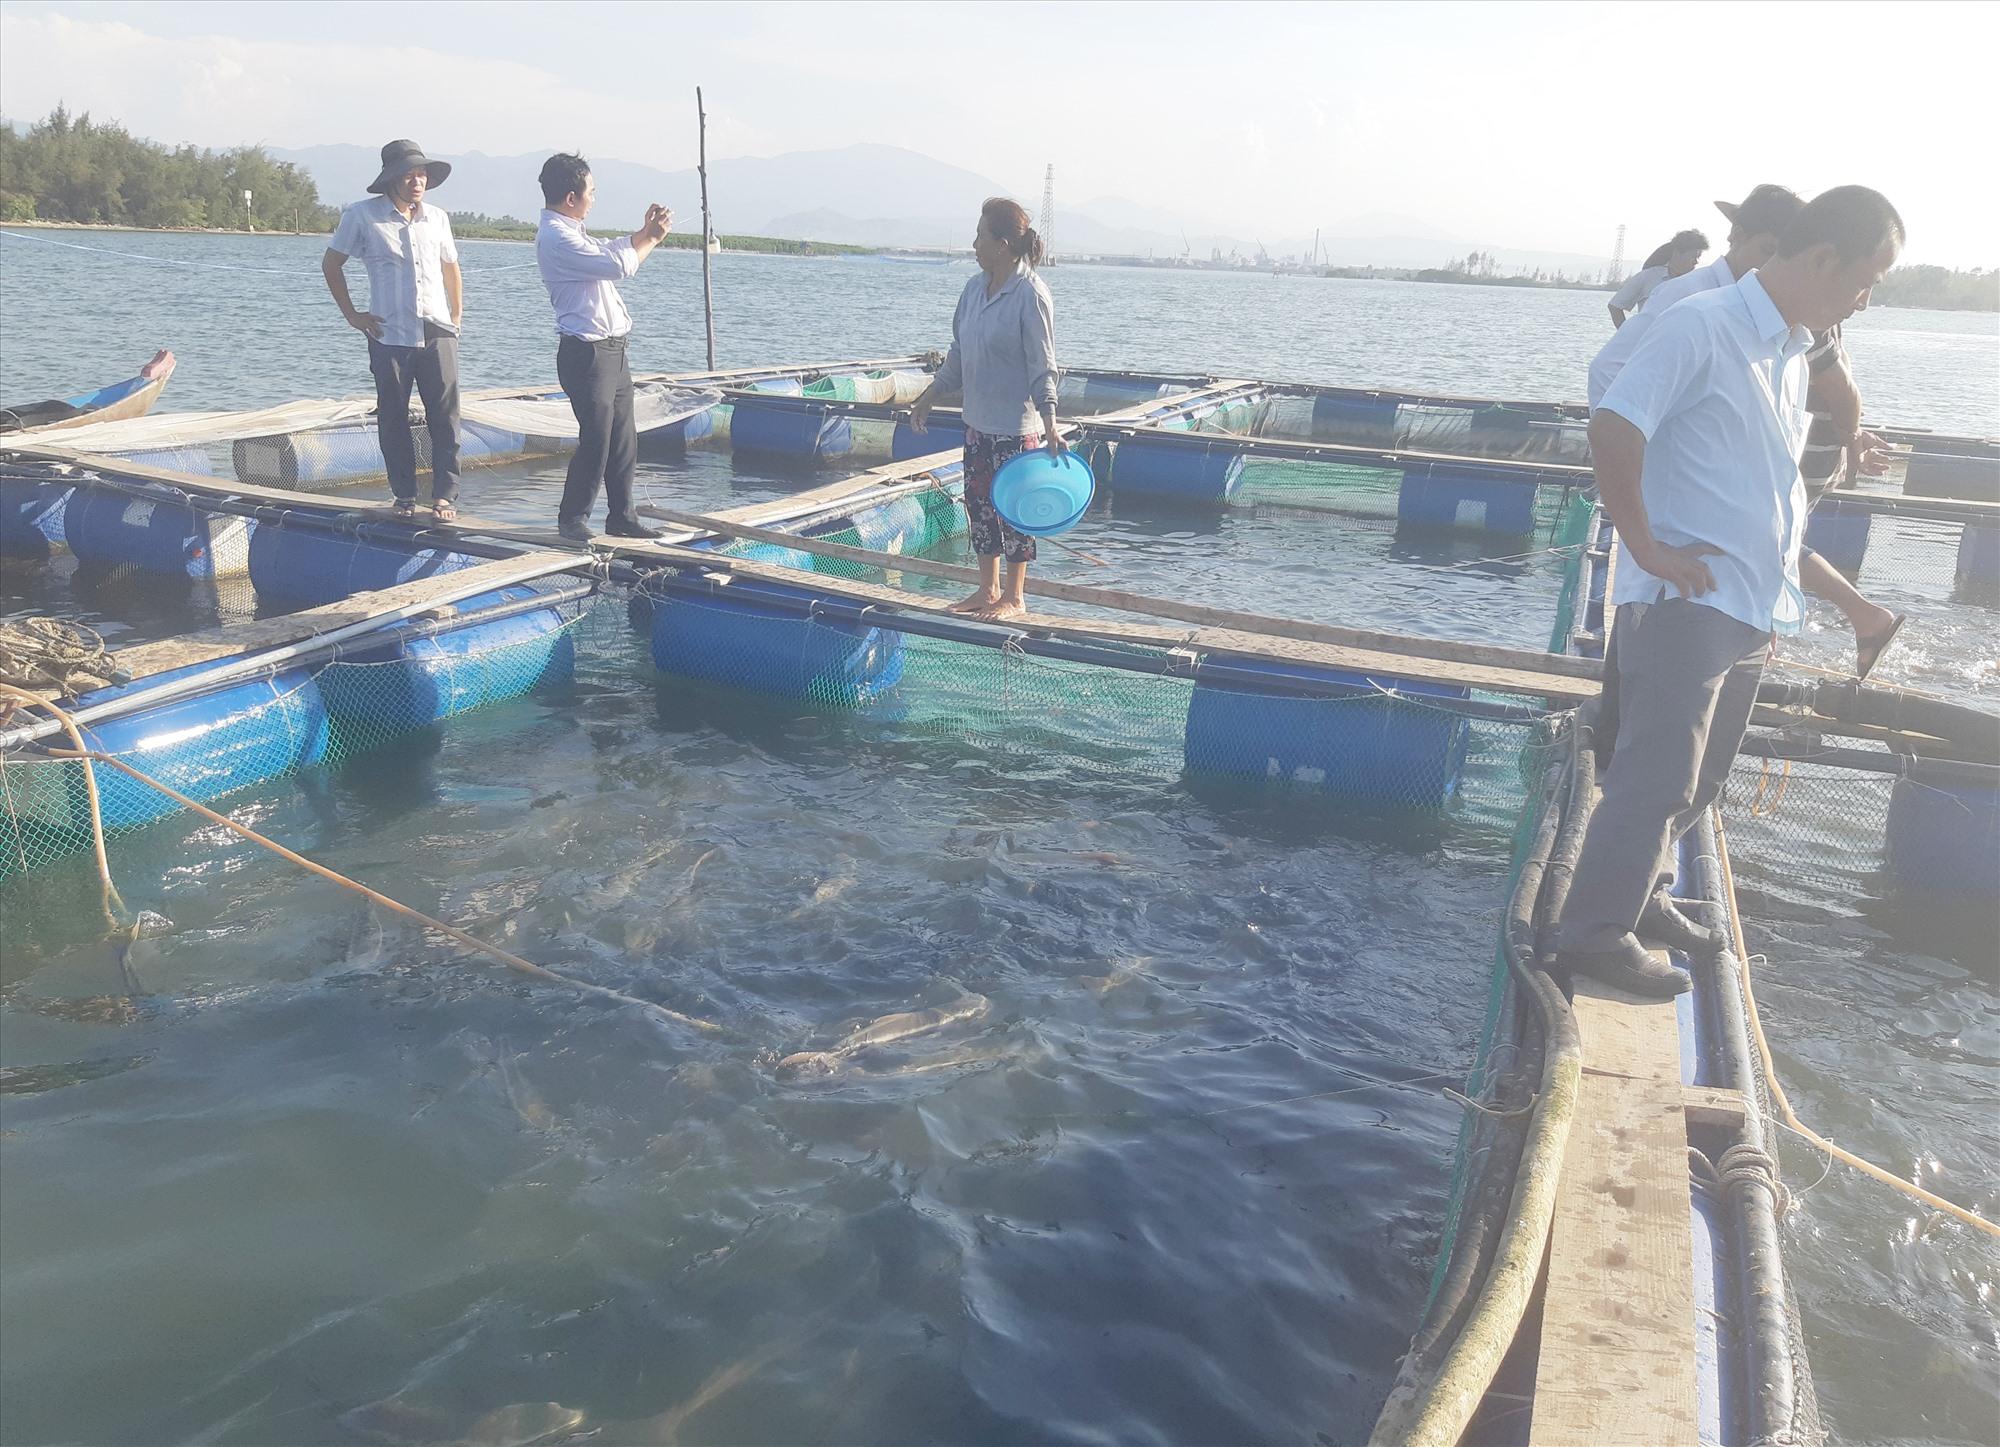 Mô hình nuôi cá bớp thương phẩm trong lồng bè tại Tam Hải bước đầu khá thành công. Ảnh: HOÀNG LIÊN